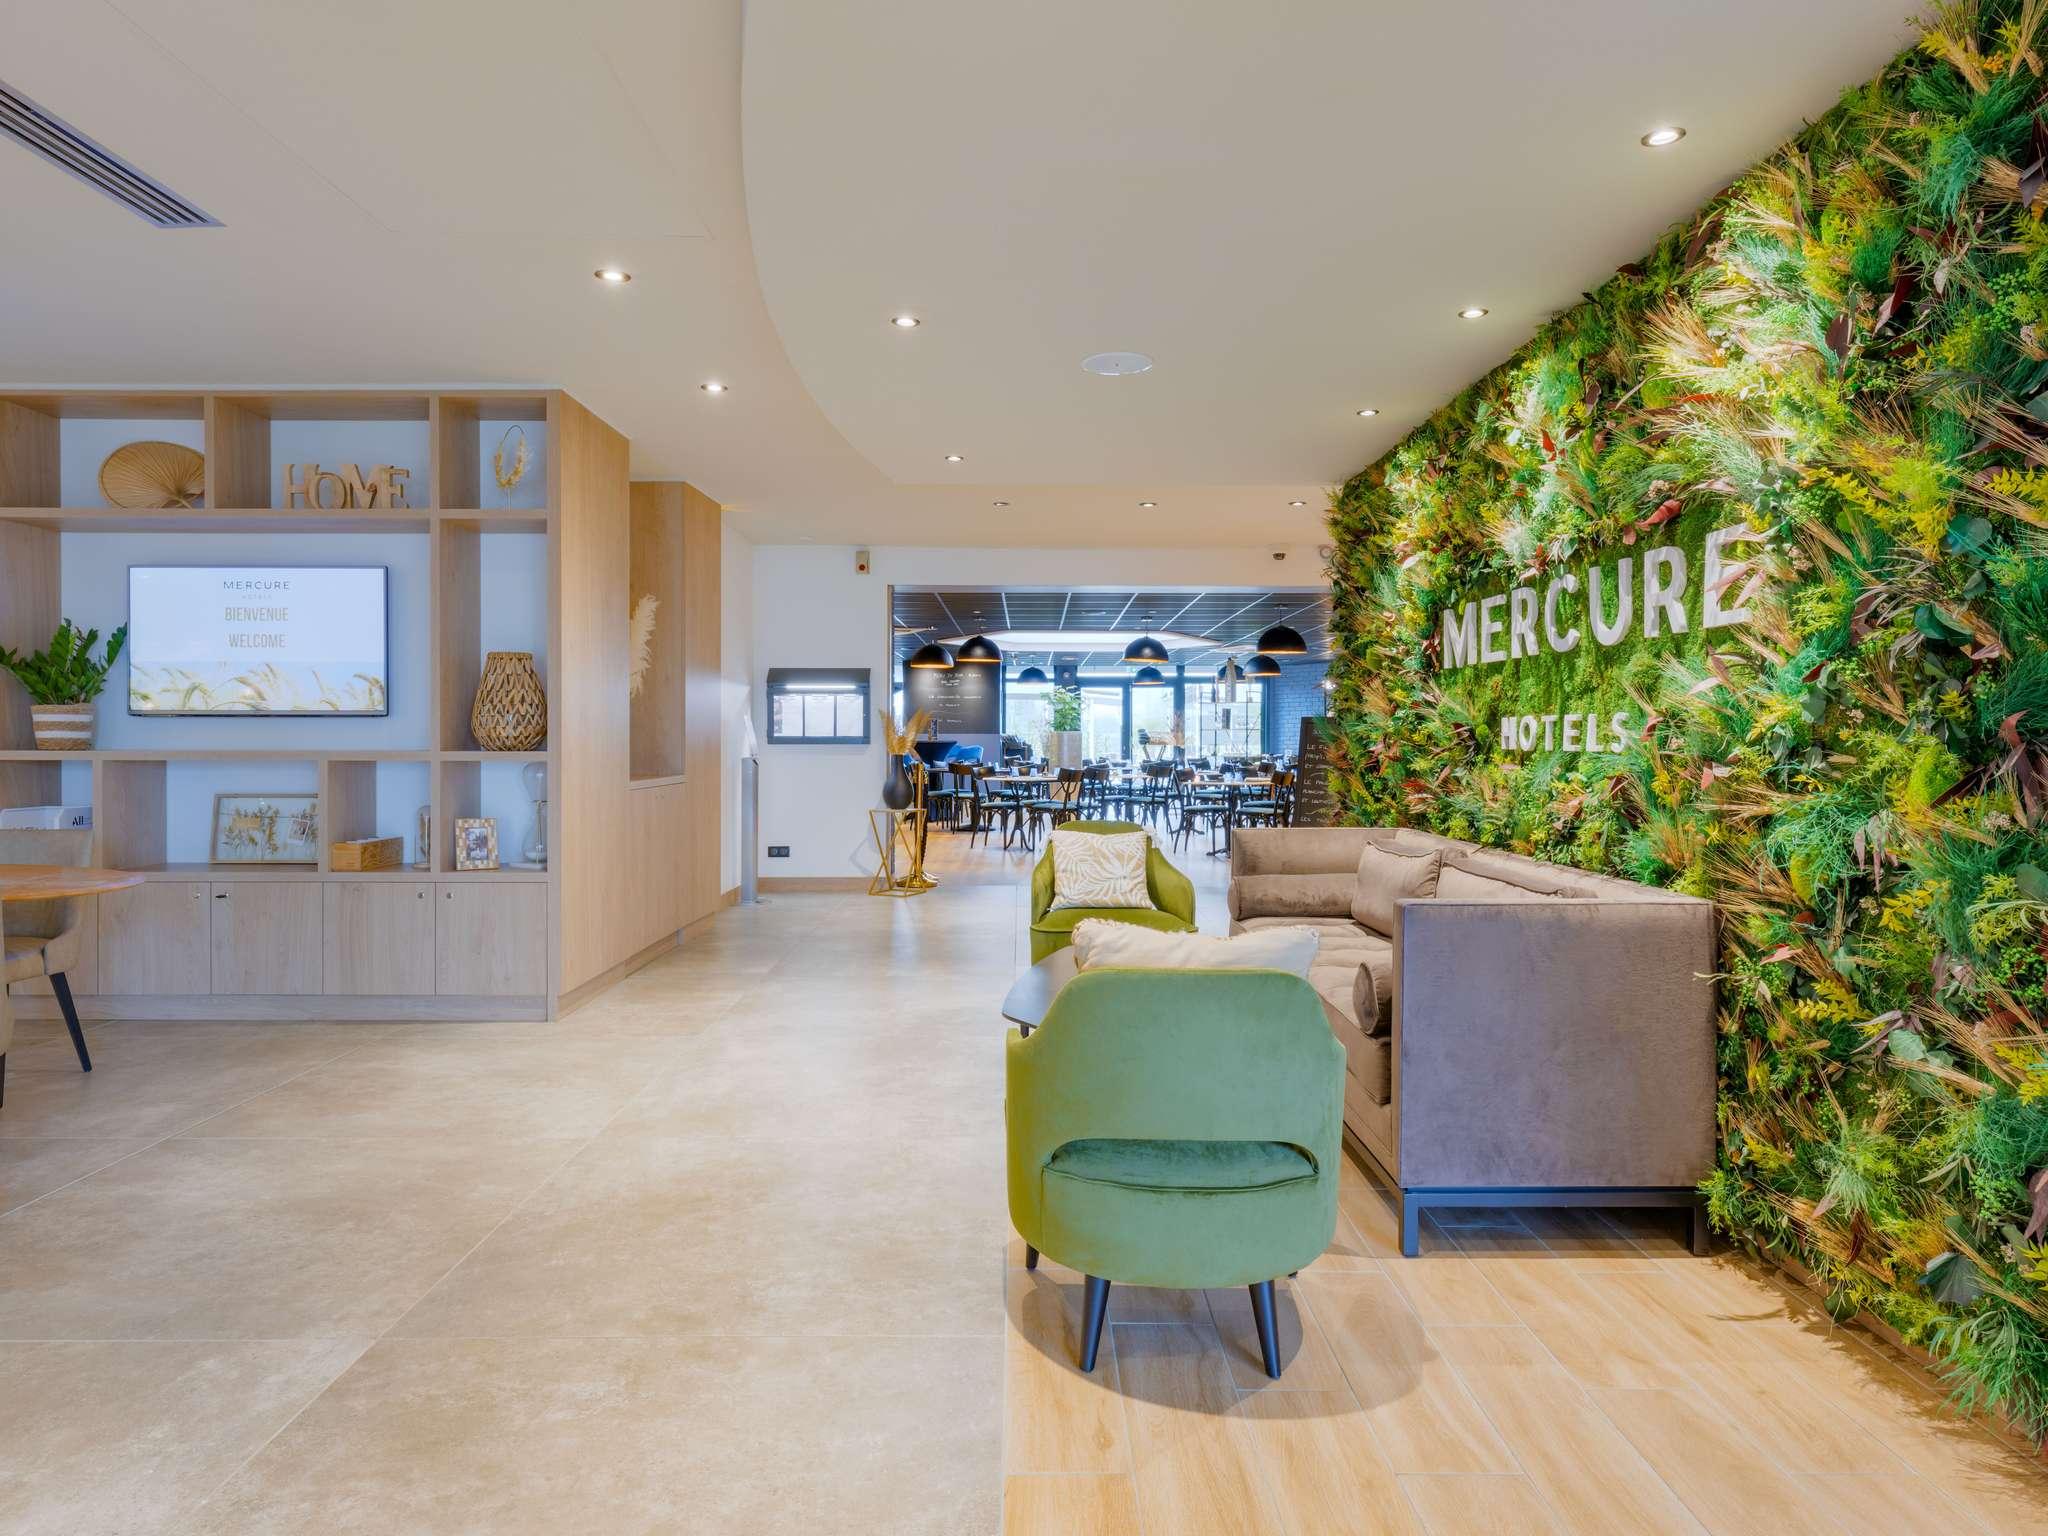 Hotel – Hotel Mercure Lyon l'Isle d'Abeau